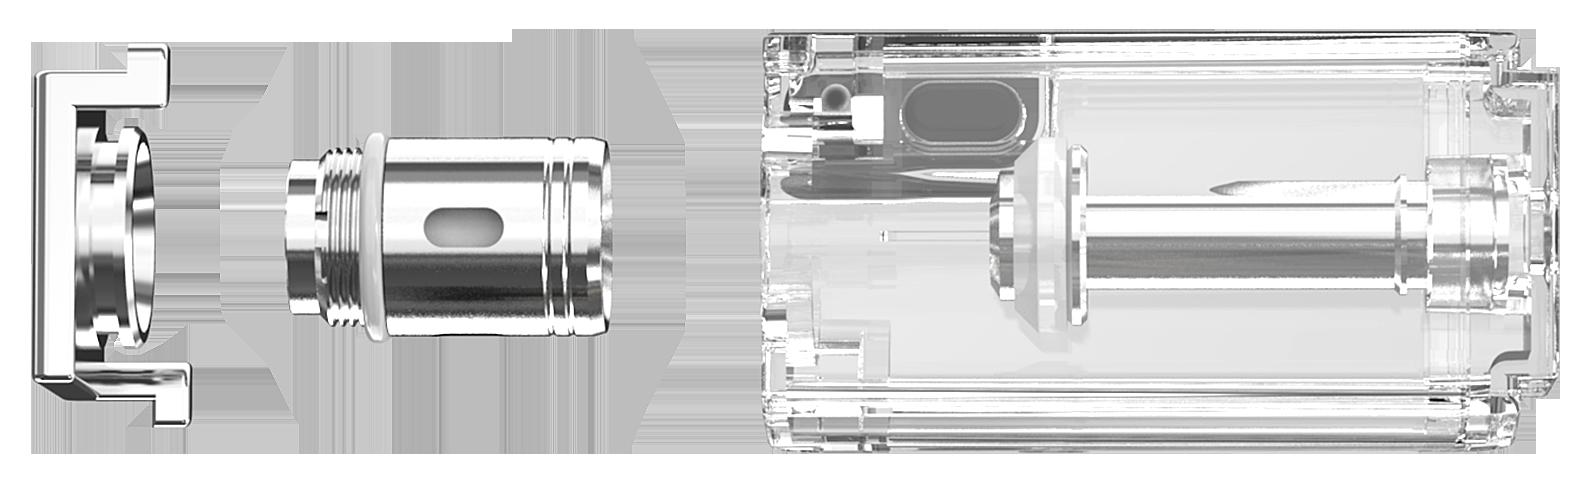 Joyetech EX-M Mesh Coil Head Components